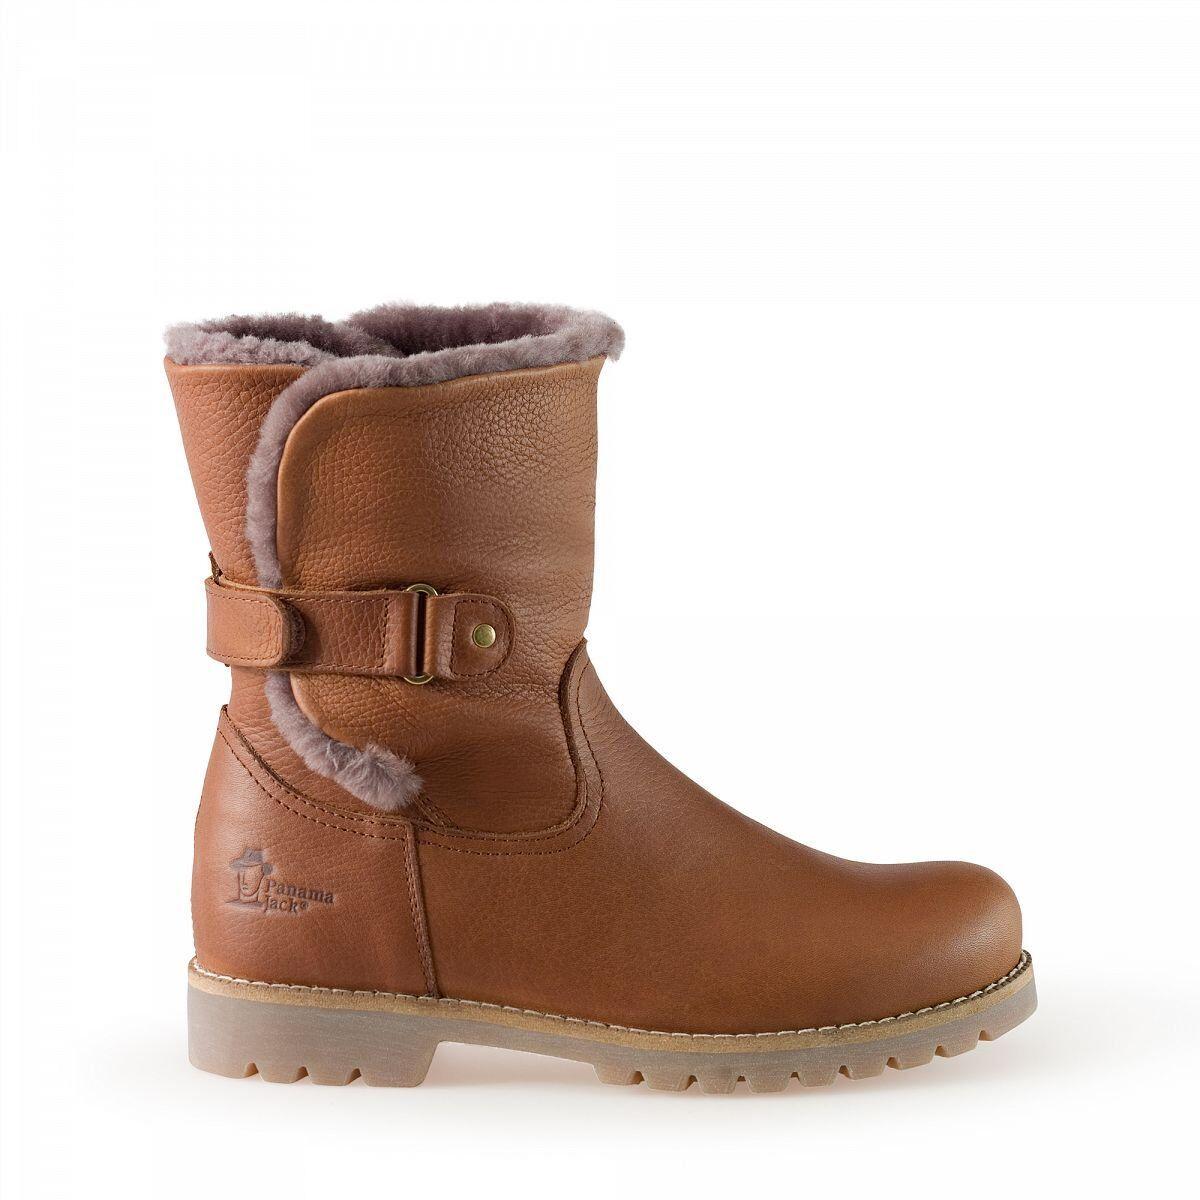 Envio gratis en todas las ordenes Panama Panama Panama Jack Felia Igloo botas de cuero cuero marrón con pelo natural  ofreciendo 100%